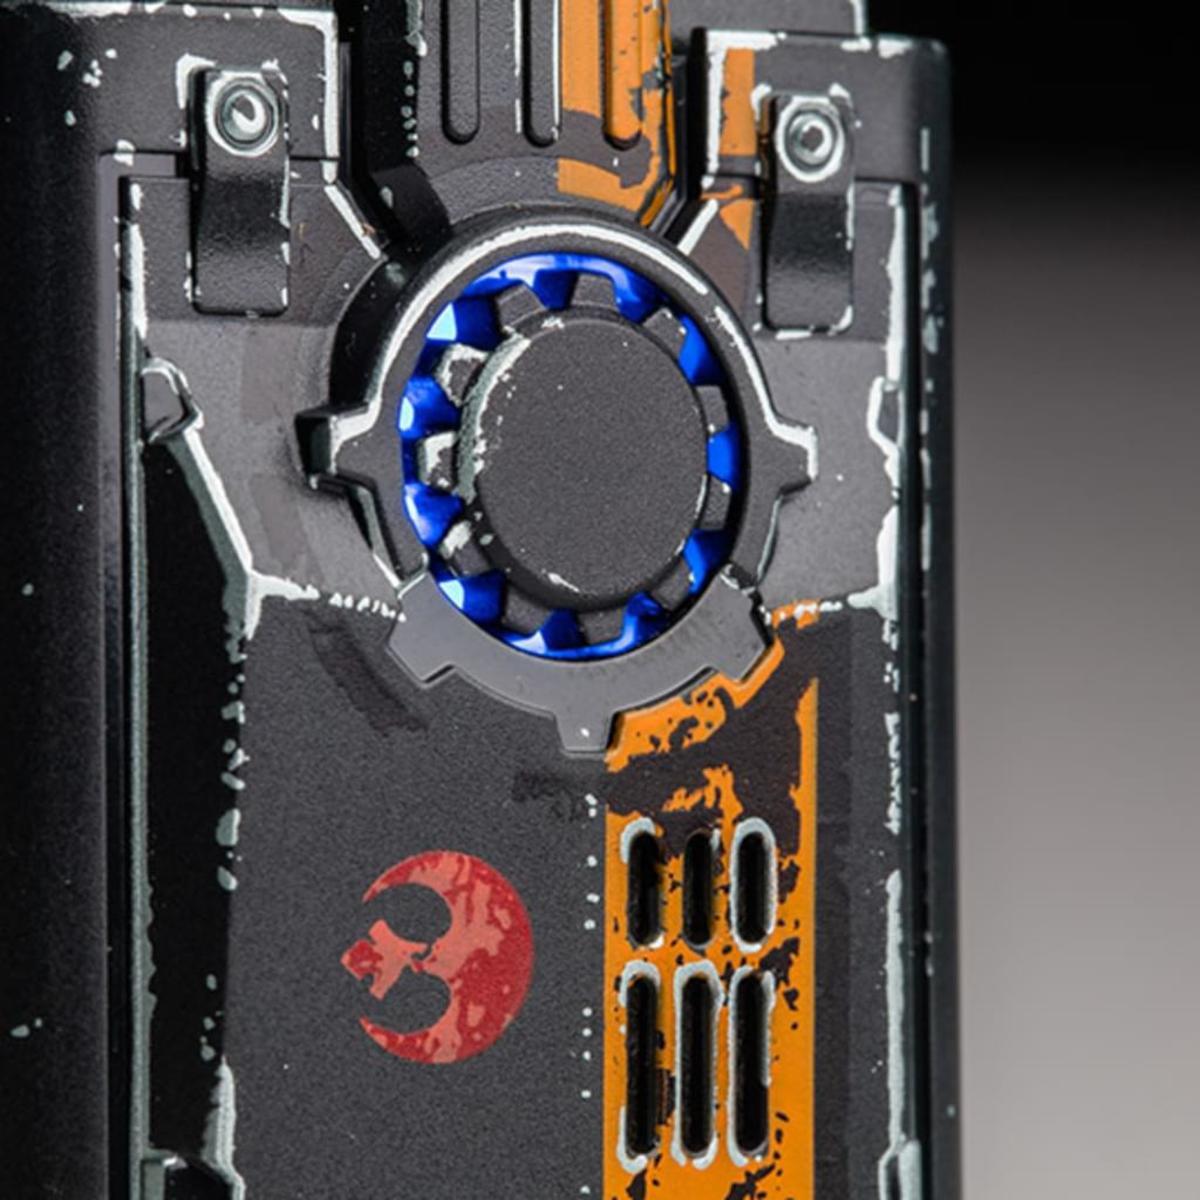 Bild 3 von Sphero Star Wars Roboter App Gesteuerter BB-8 Droid mit Force Band